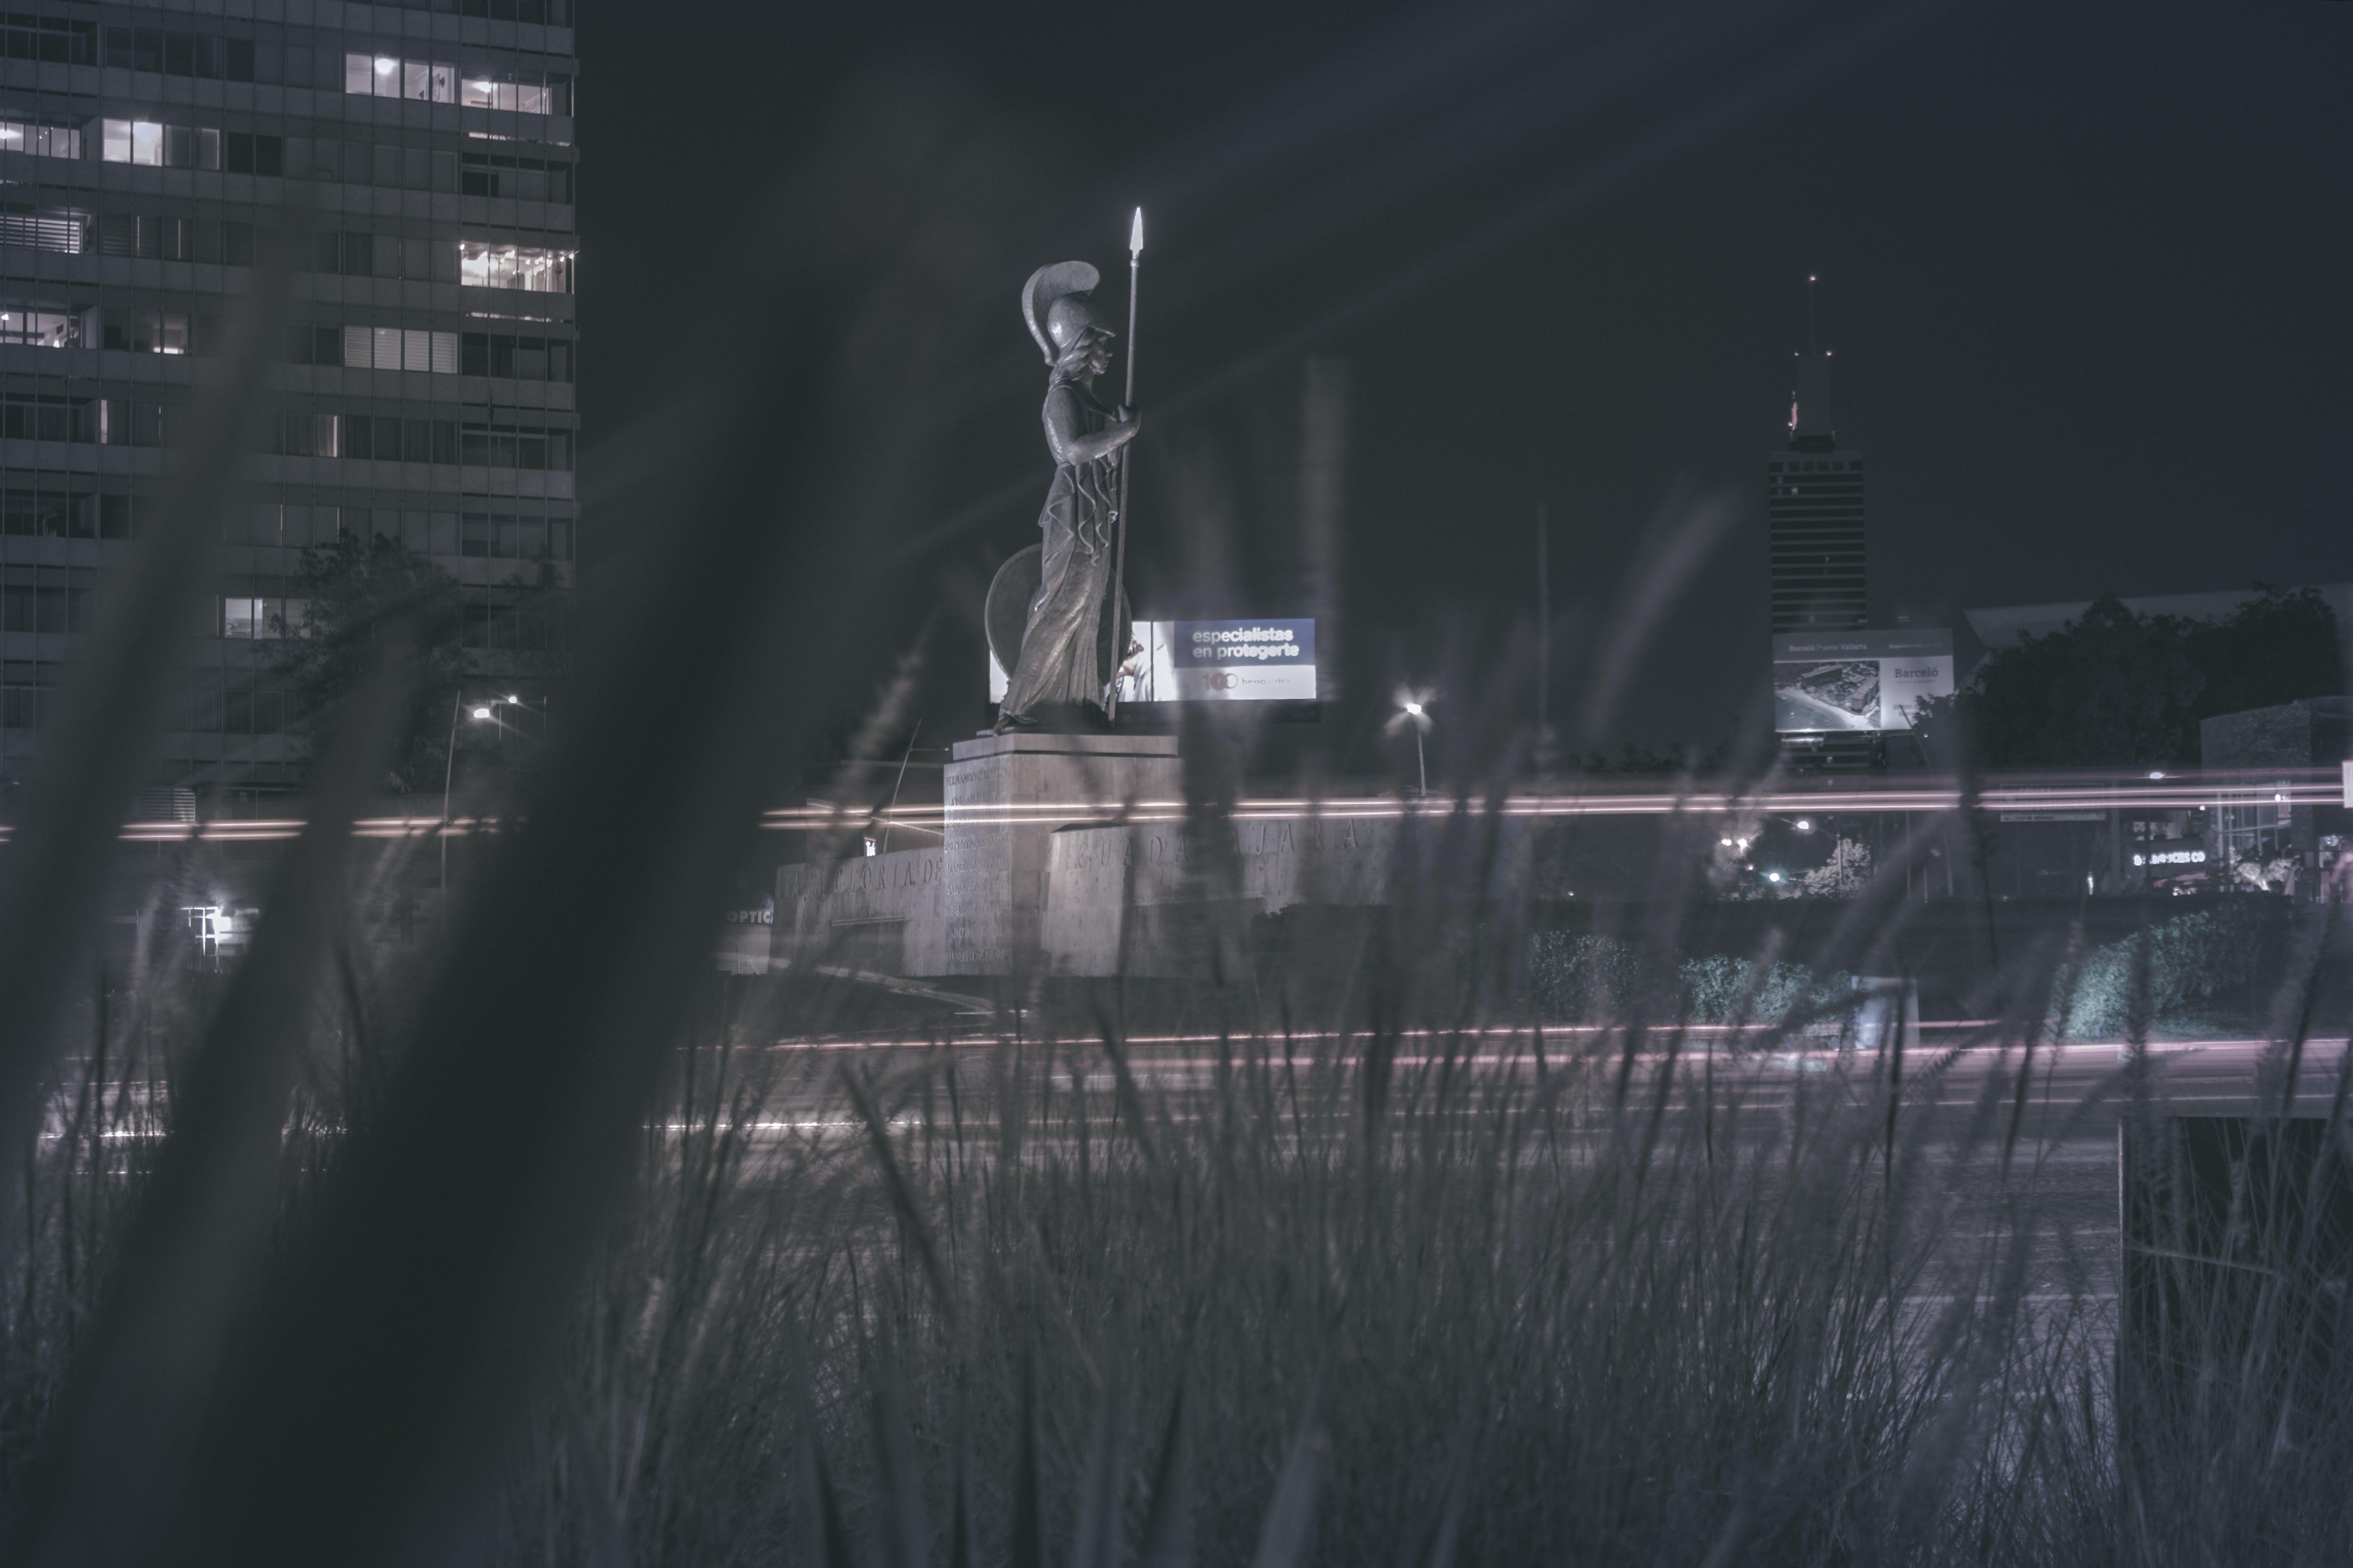 Free stock photo of city, city life, city lights, illumination